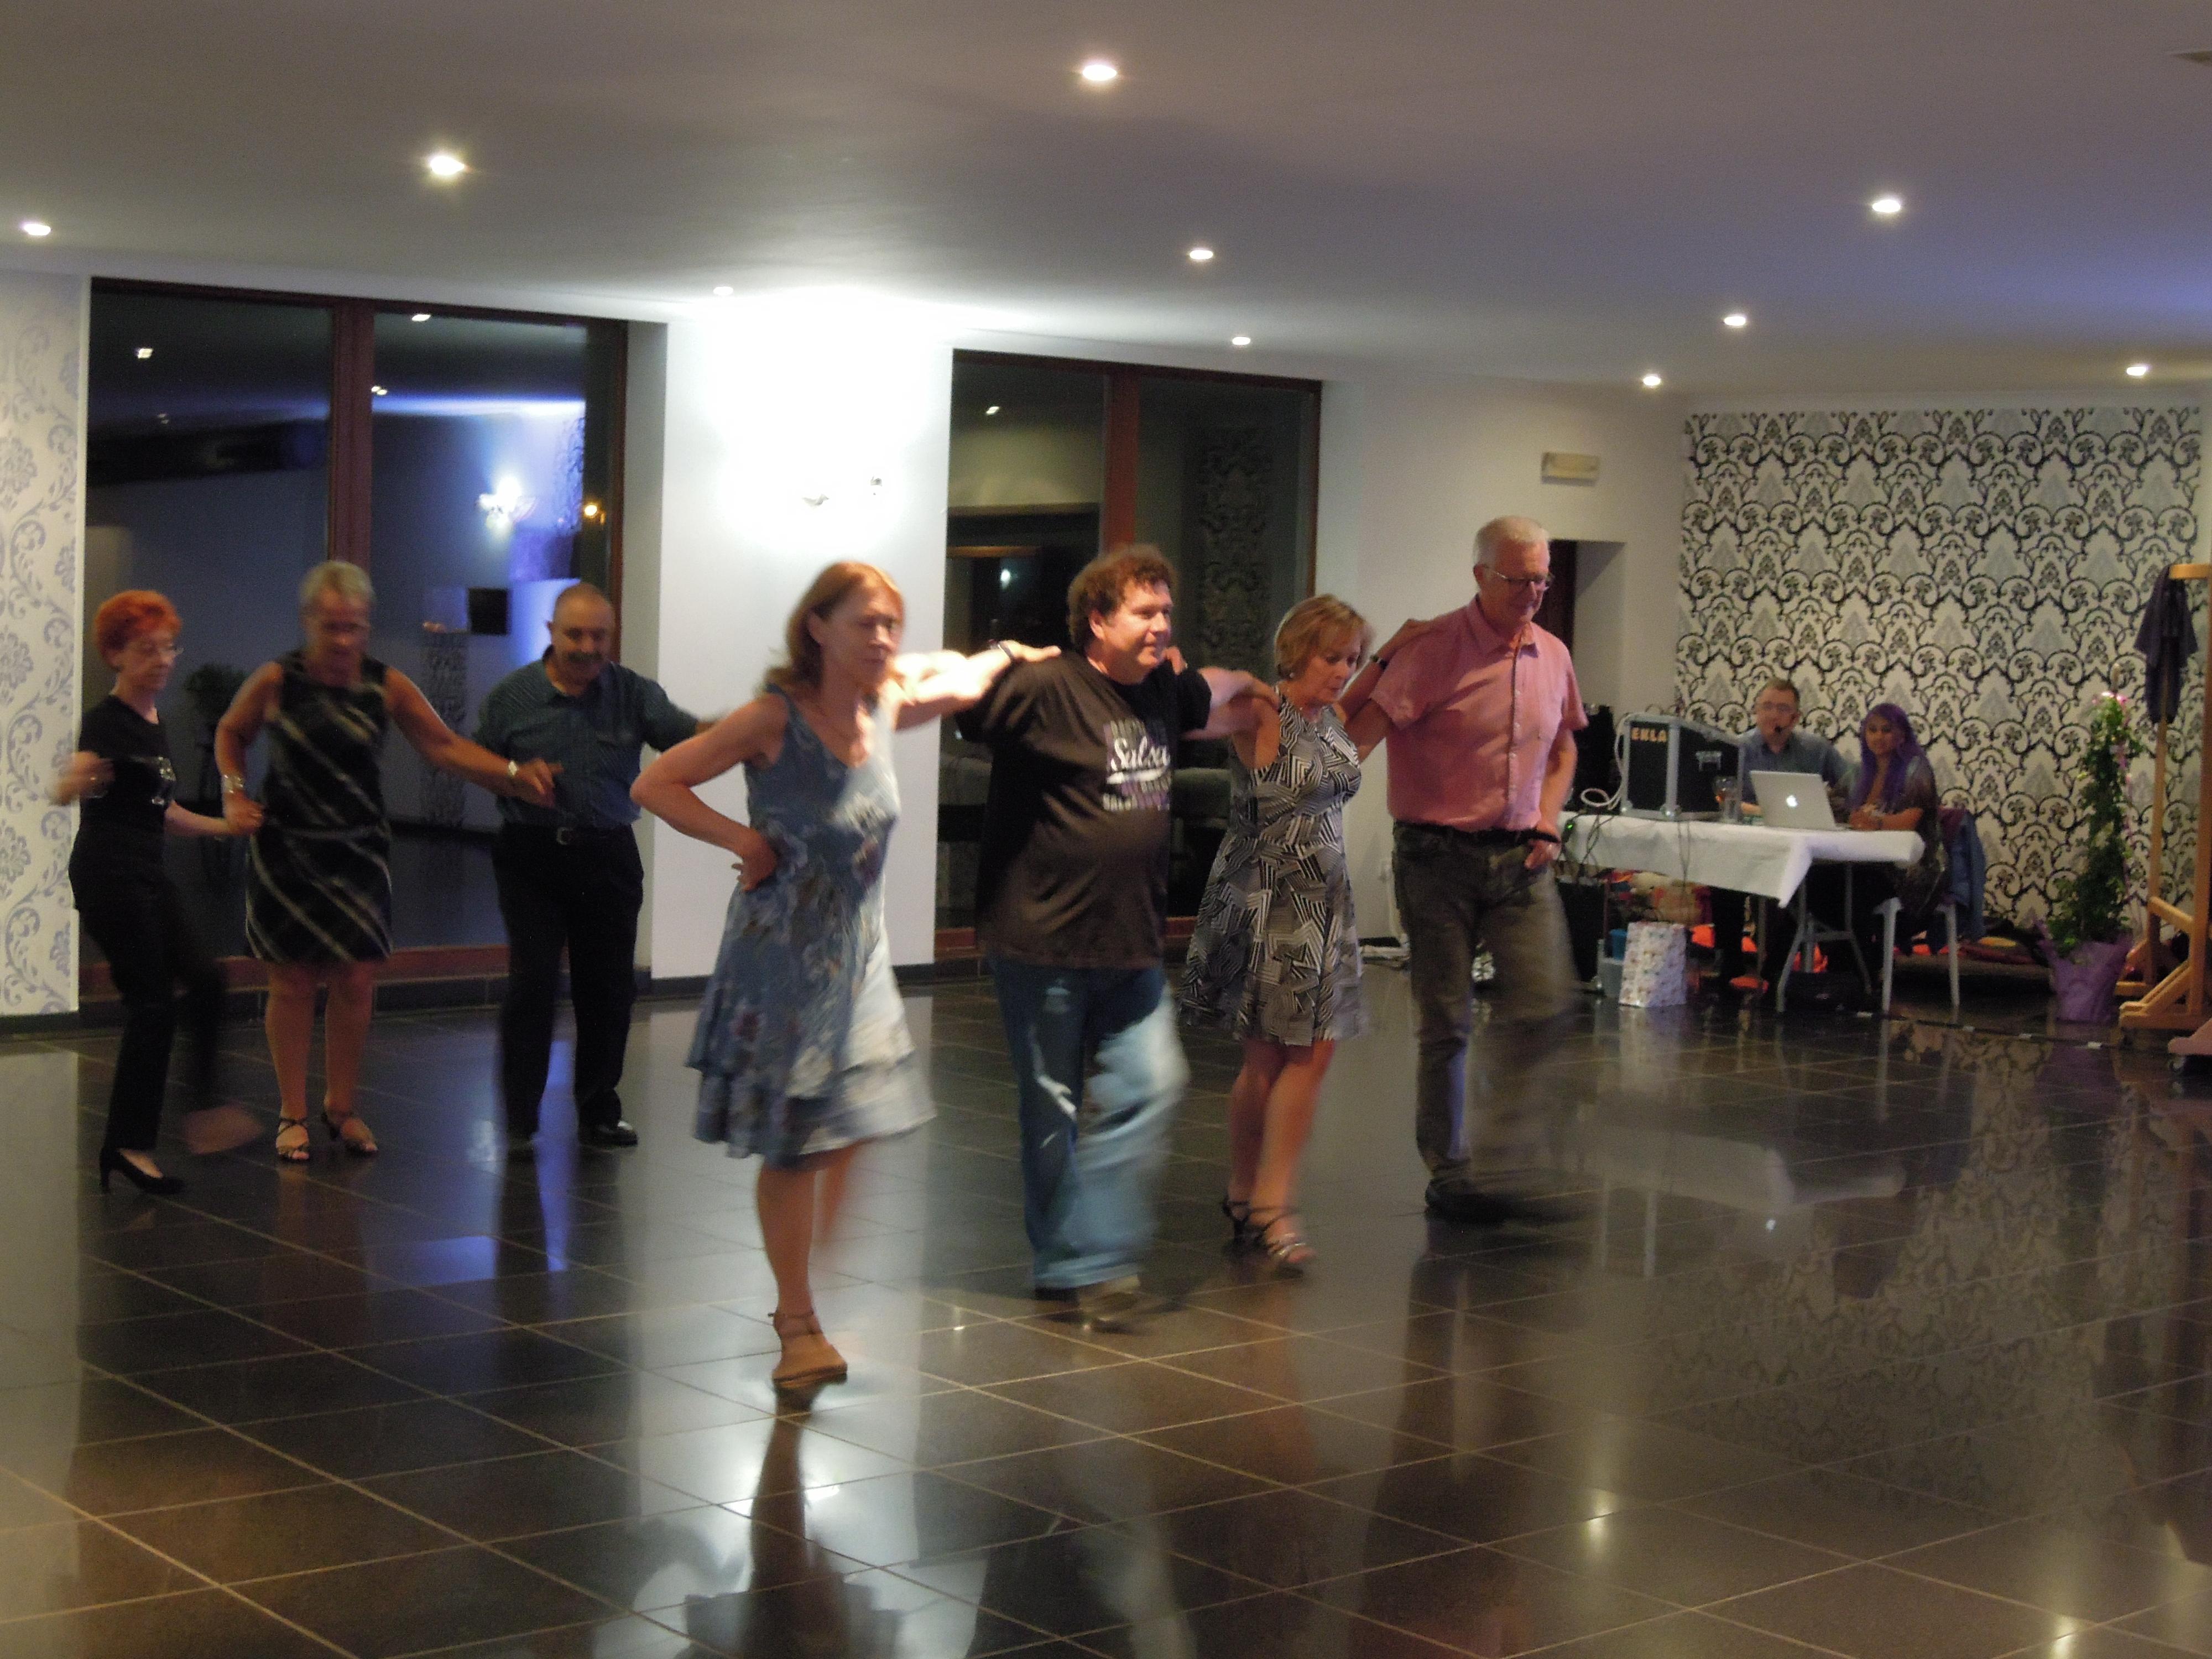 Et si Mons dansait - Club danse Mons - juin 2018